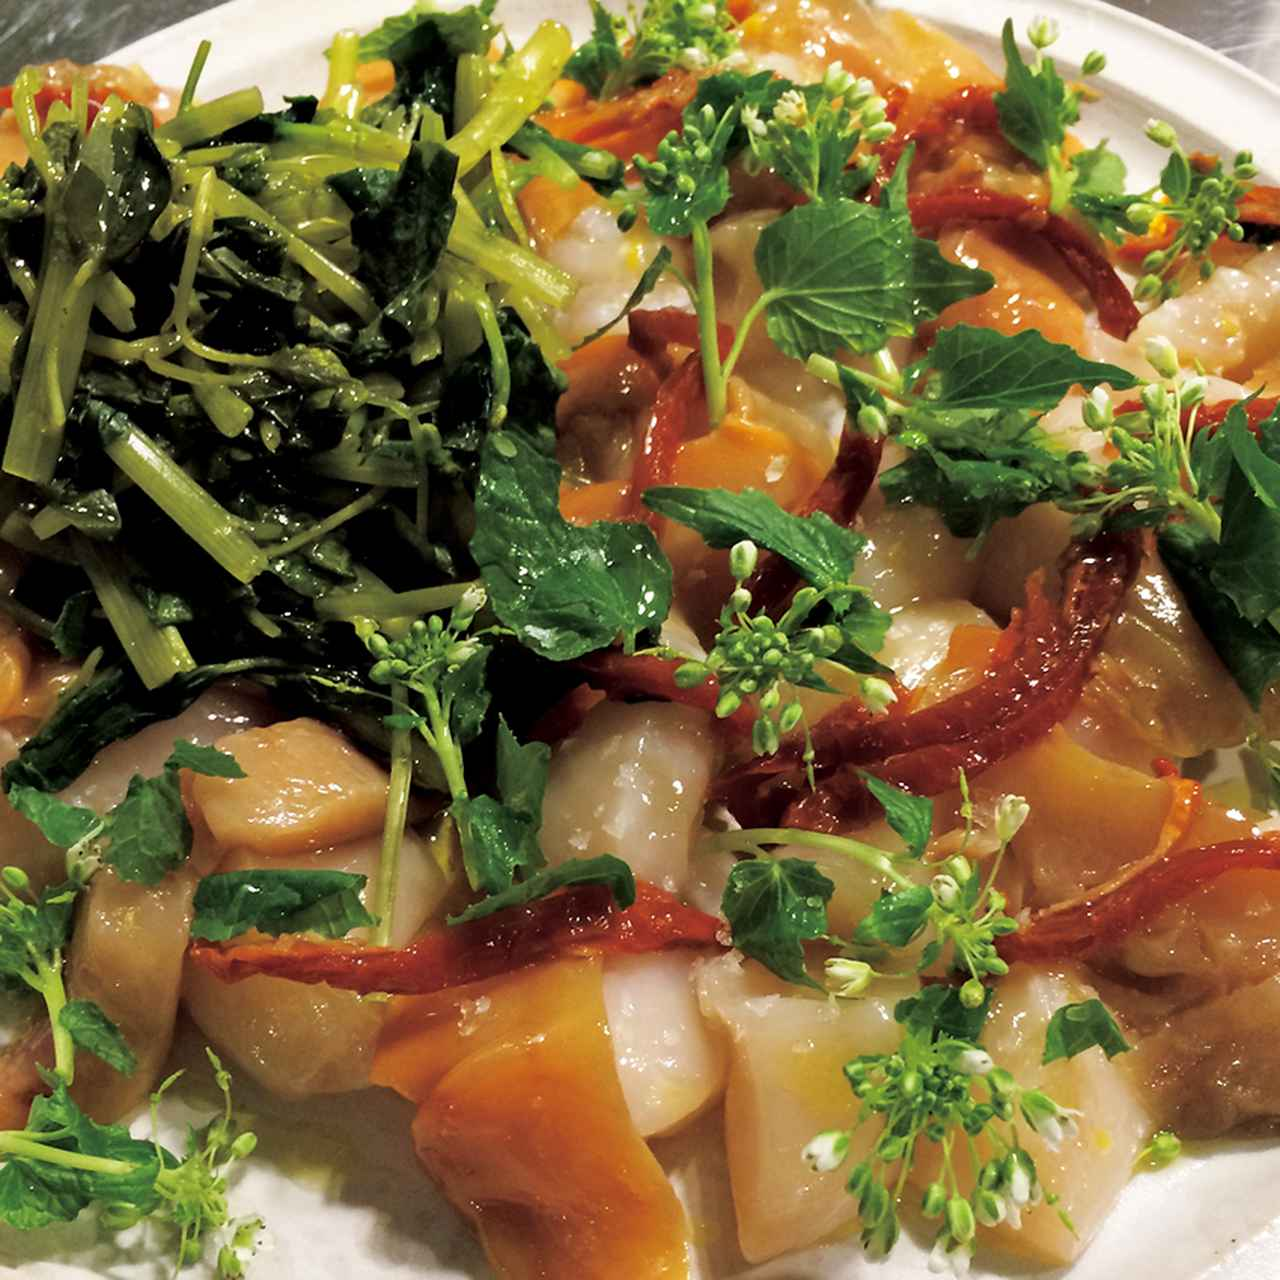 イタリアの伝統料理と世界各地の味をライブ感をもって提供する流しの出張料理人